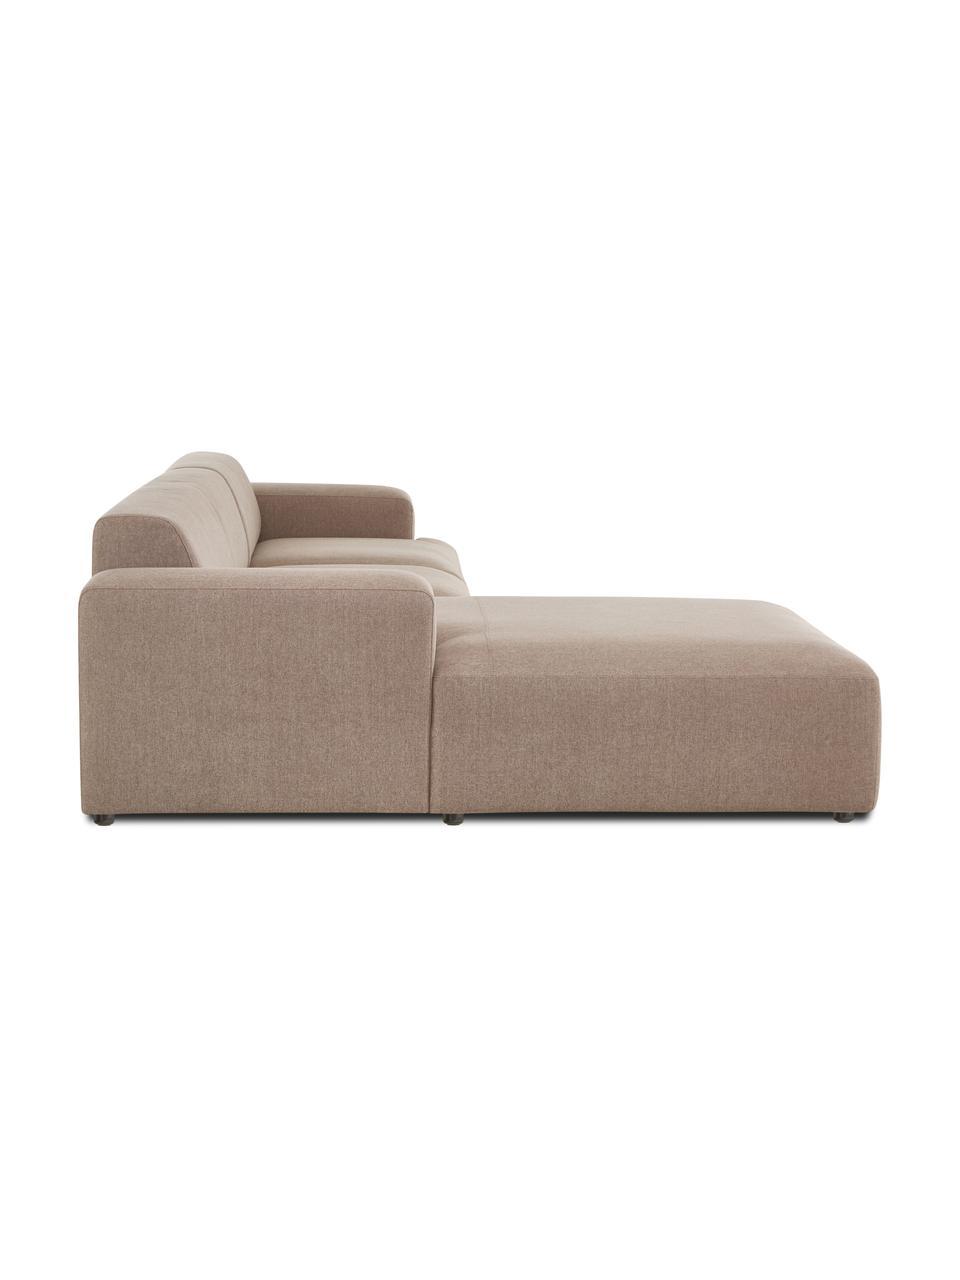 Ecksofa Melva (4-Sitzer) in Taupe, Bezug: 100% Polyester Der hochwe, Gestell: Massives Kiefernholz, FSC, Füße: Kunststoff, Webstoff Taupe, B 319 x T 196 cm